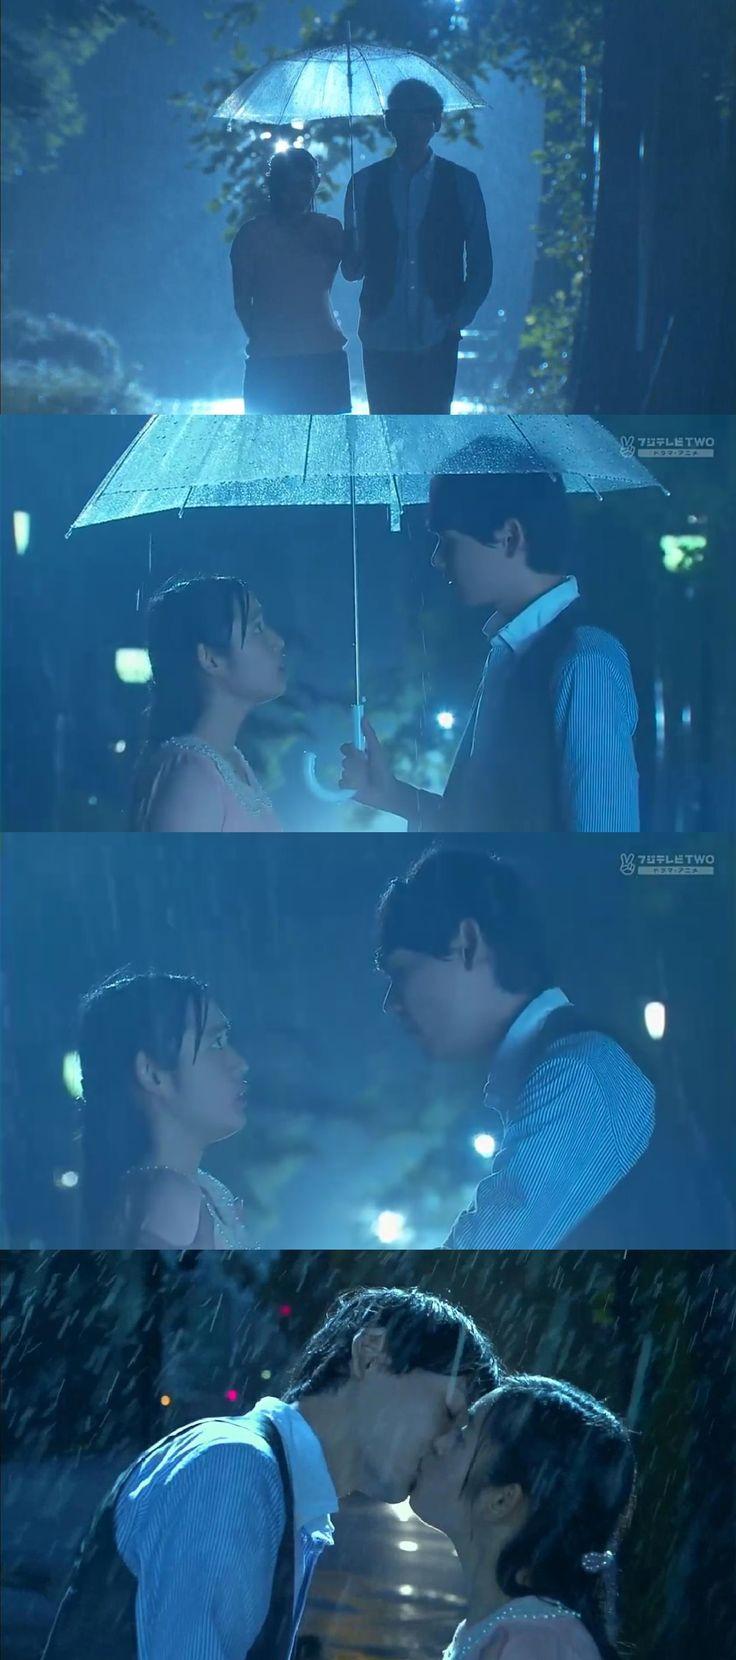 """Naoki: """"Oí que se te propuso. Qué le dijiste?"""". Kotoko: """"No te importa"""". Naoki: """"Cierto"""". Naoki: """"Lo amas?"""". Kotoko: """"Él me ha amado hace 4 años"""". Naoki: """"Amas a alguien sólo porque te dice que te ama?"""". Kotoko: """"Tuve un amor no correspondido por muchos años y estoy cansada de amar a alguien que no me ama"""". Naoki: """"Tú me amas a mí! No puedes a amar a nadie más"""". Kotoko: """"Tienes mucha confianza. Así es, así es! Pero tú no me amas""""- él la besa - Itazura na Kiss Love in Tokyo Ep 16"""